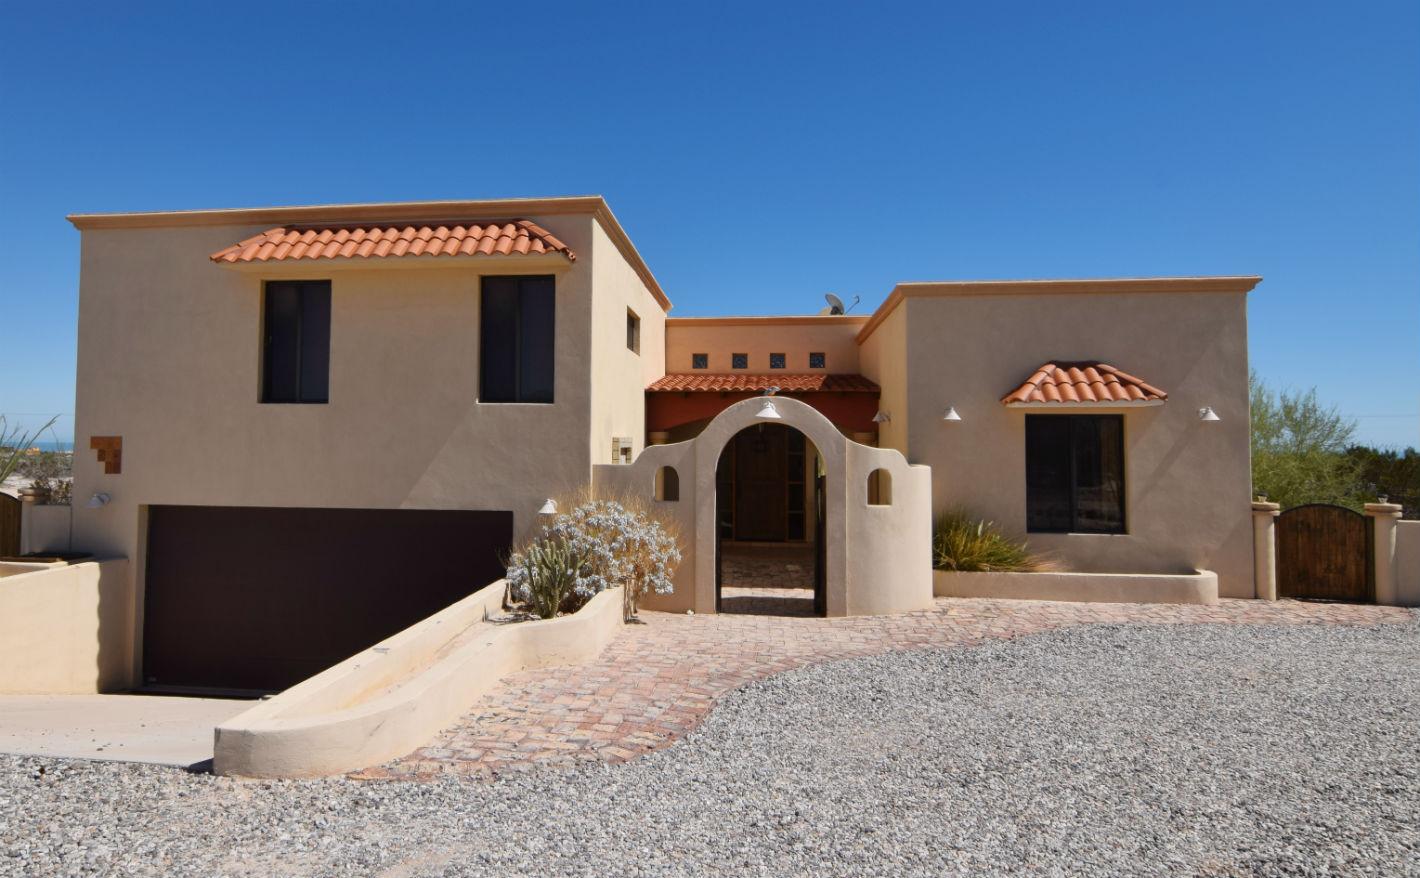 Casa Welch vacation rental home in El Dorado Ranch, San Felipe